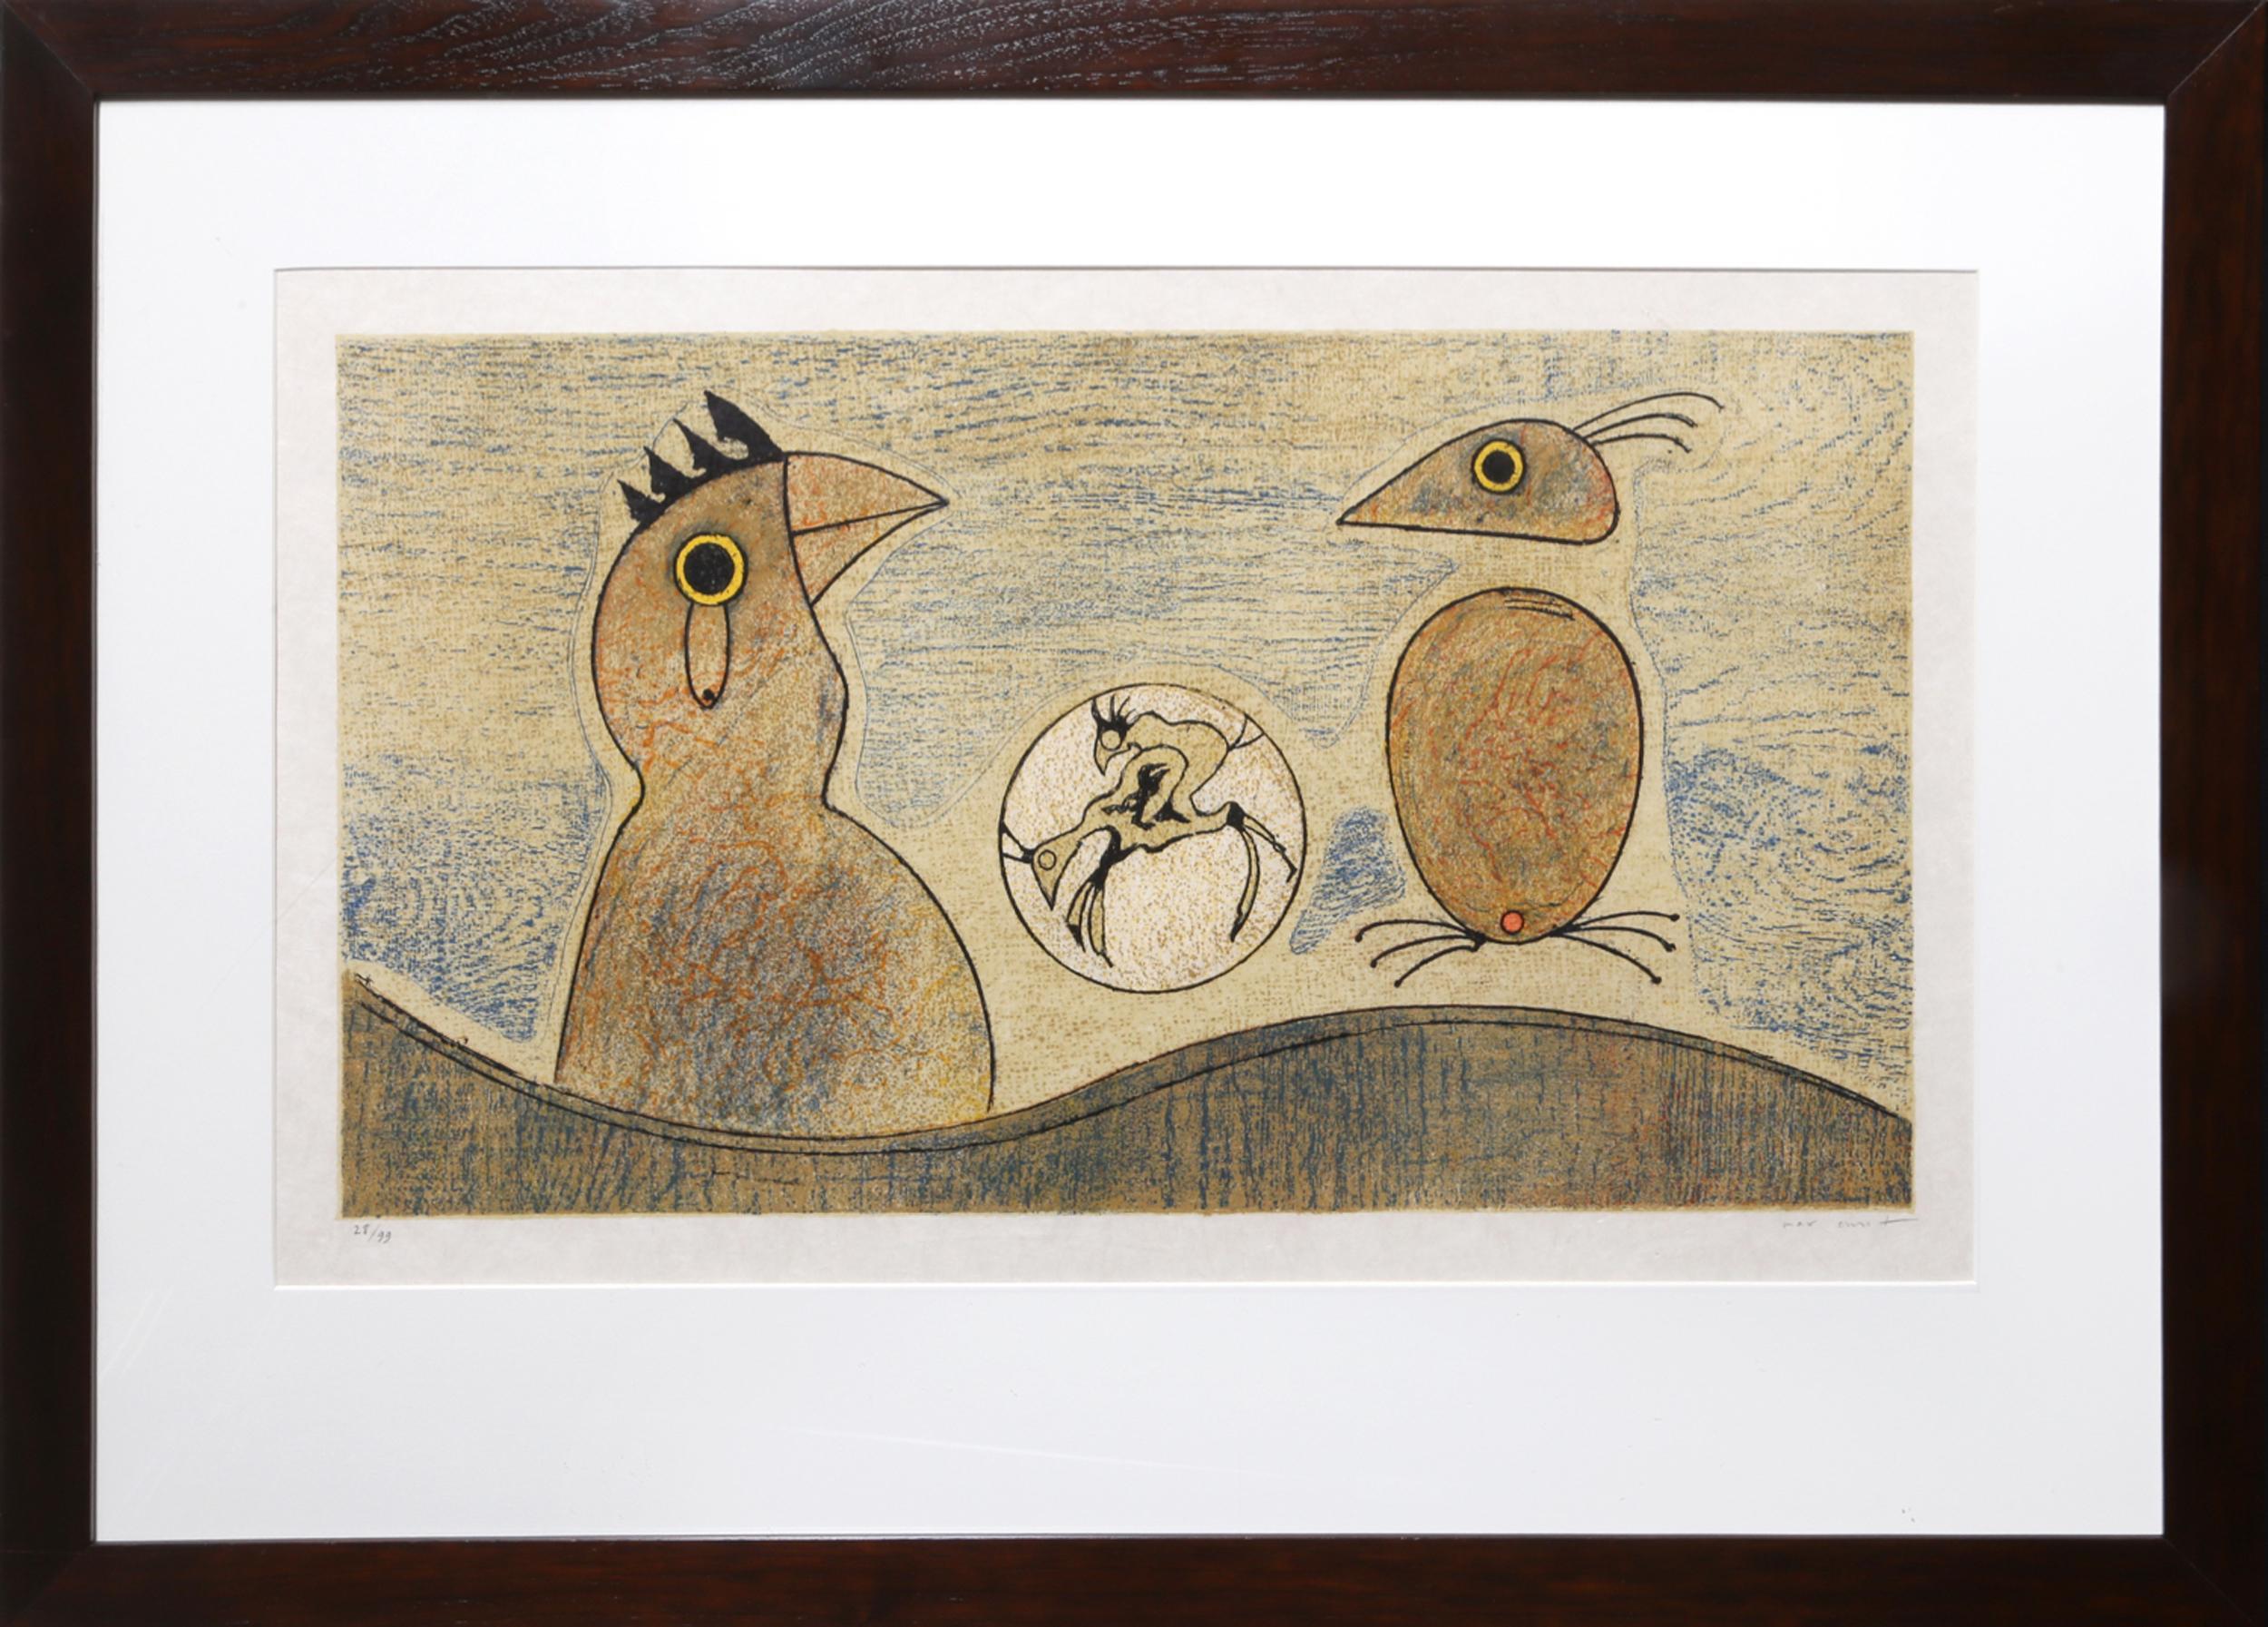 Max Ernst, Oiseaux Souterrains, Lithograph